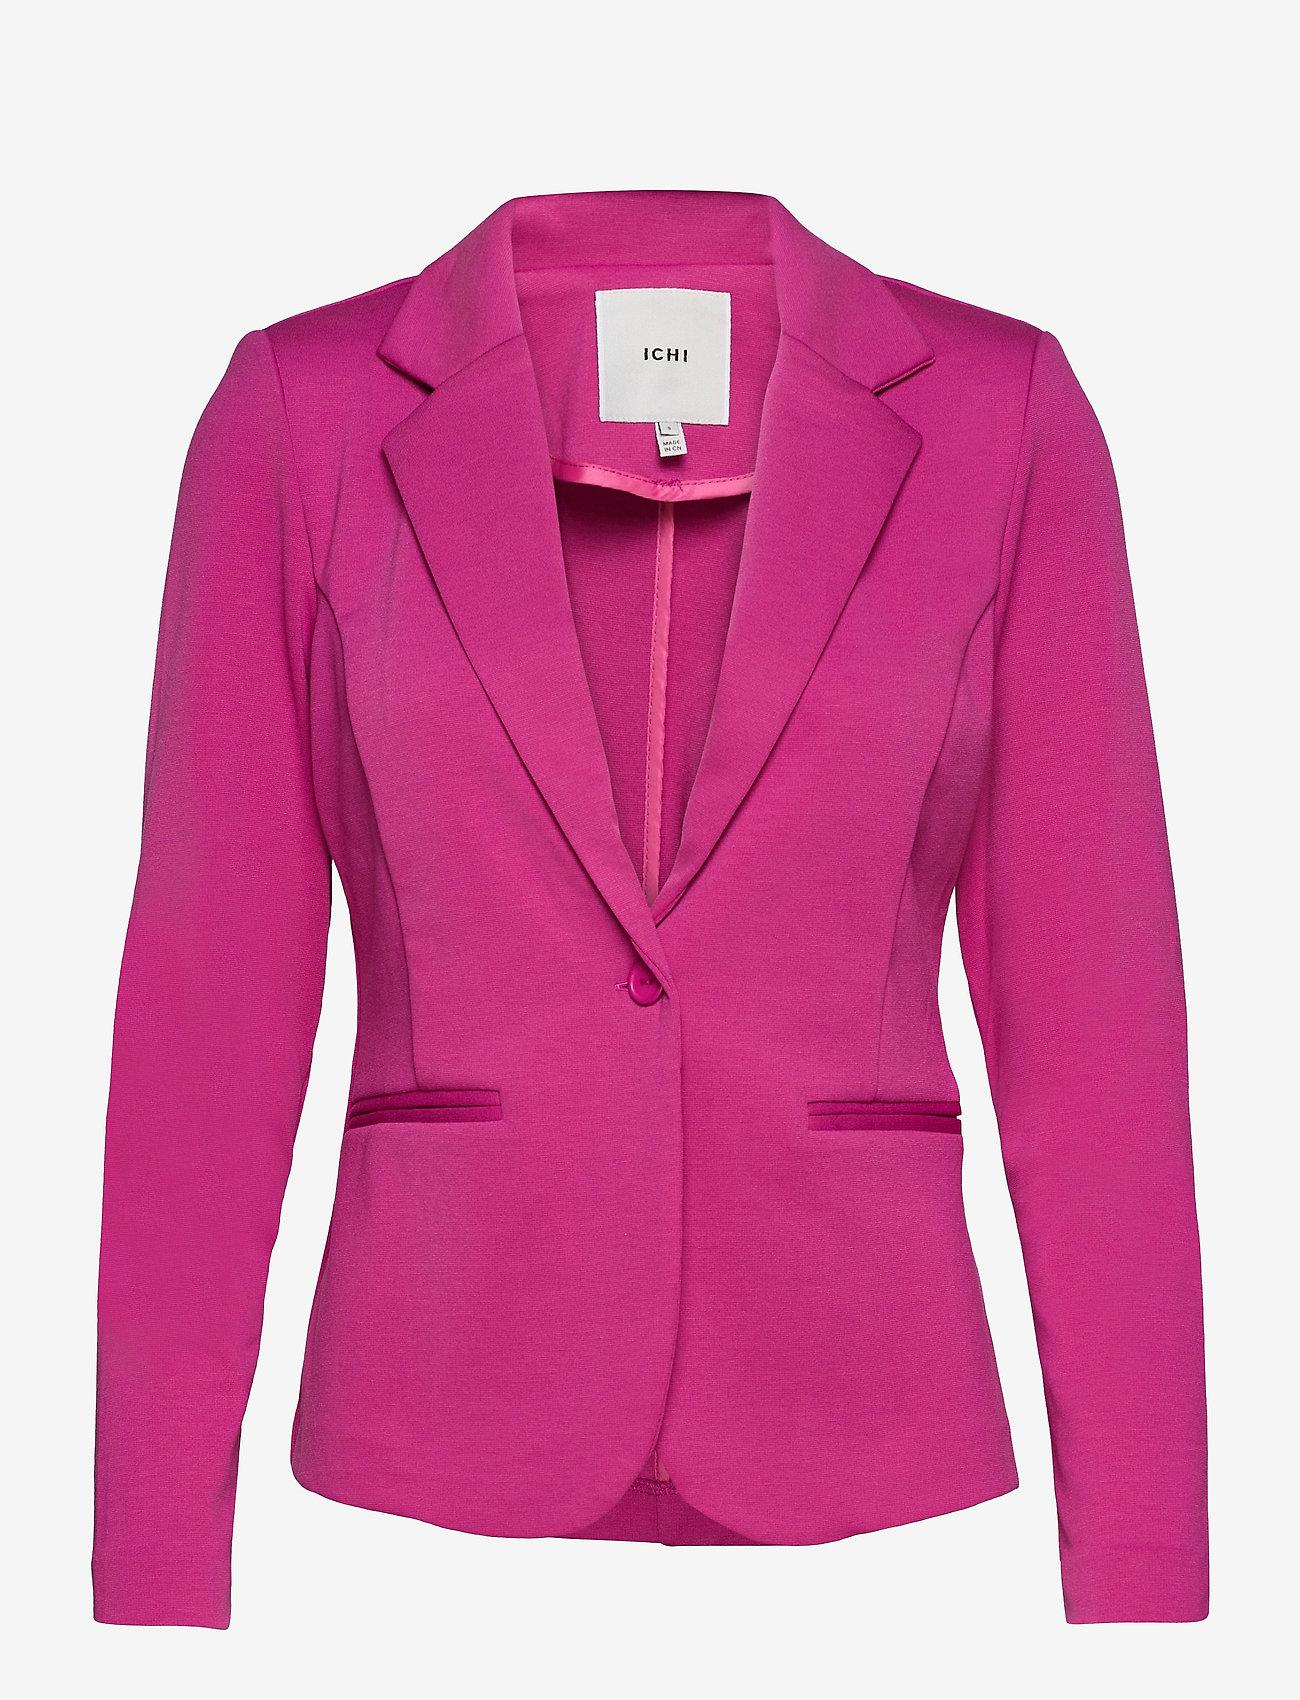 ICHI - IHKATE BL - casual blazers - fuchsia red - 0